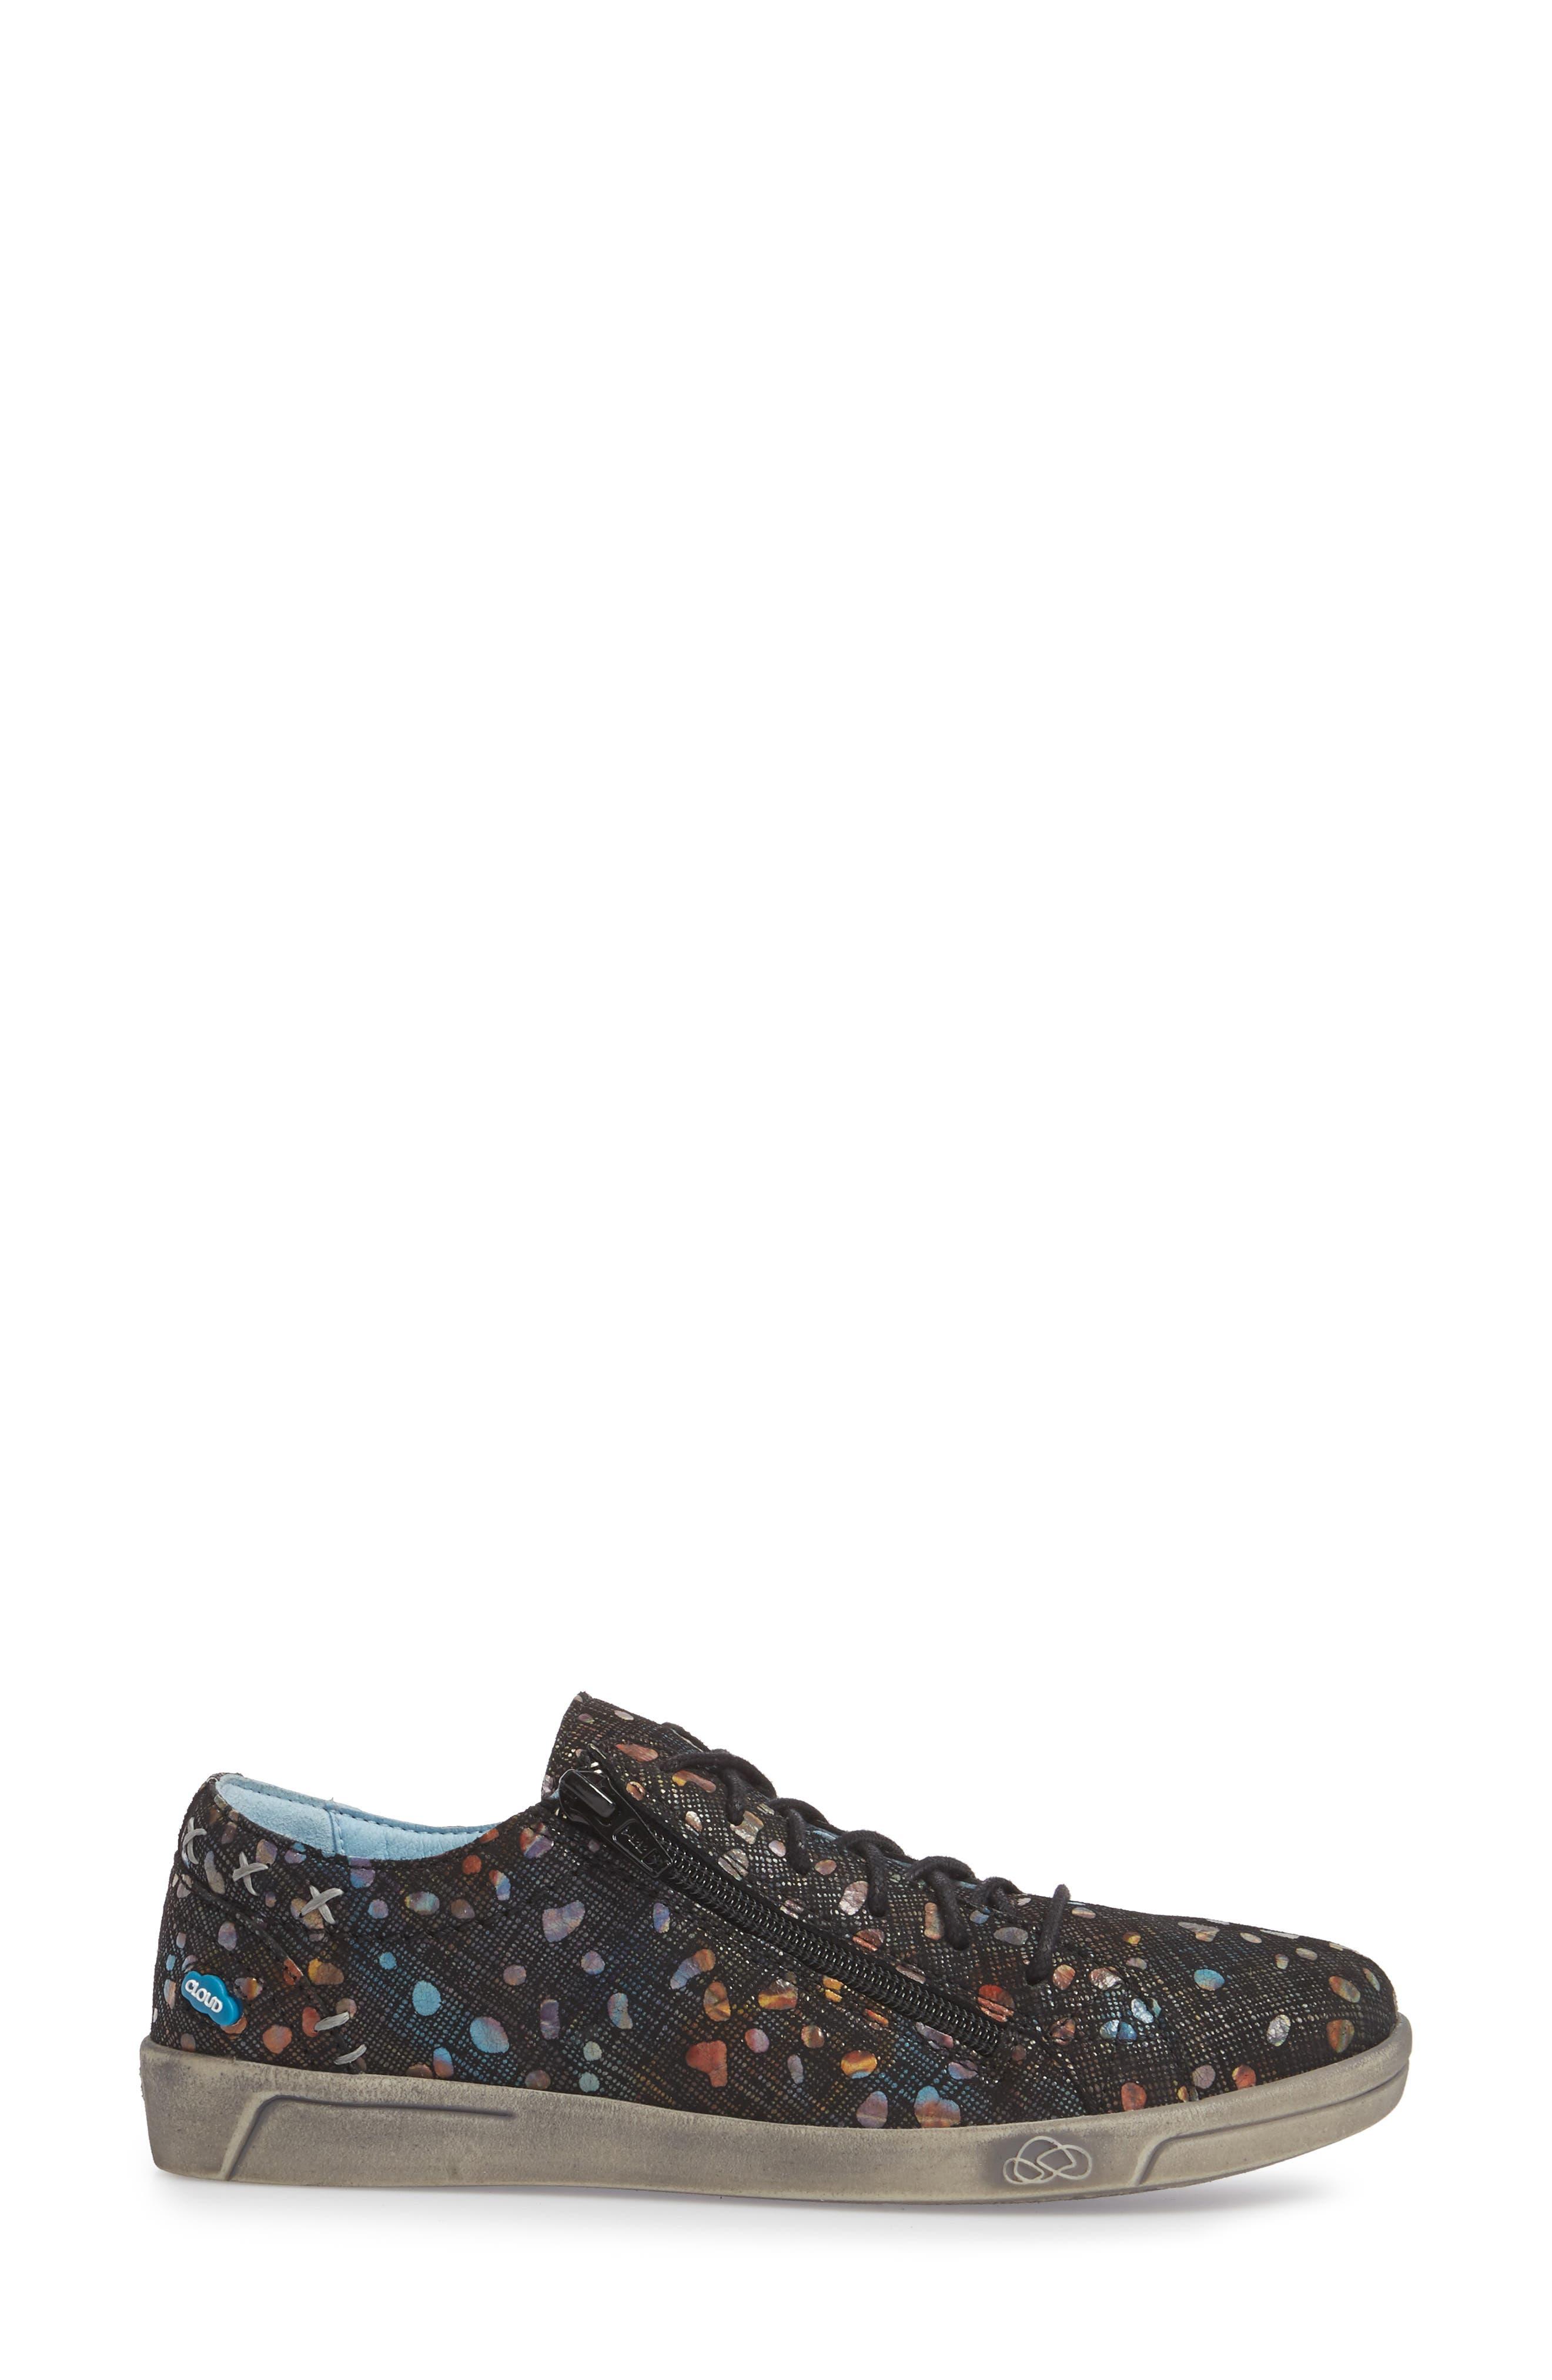 Alternate Image 3  - CLOUD 'Aika' Leather Sneaker (Women)